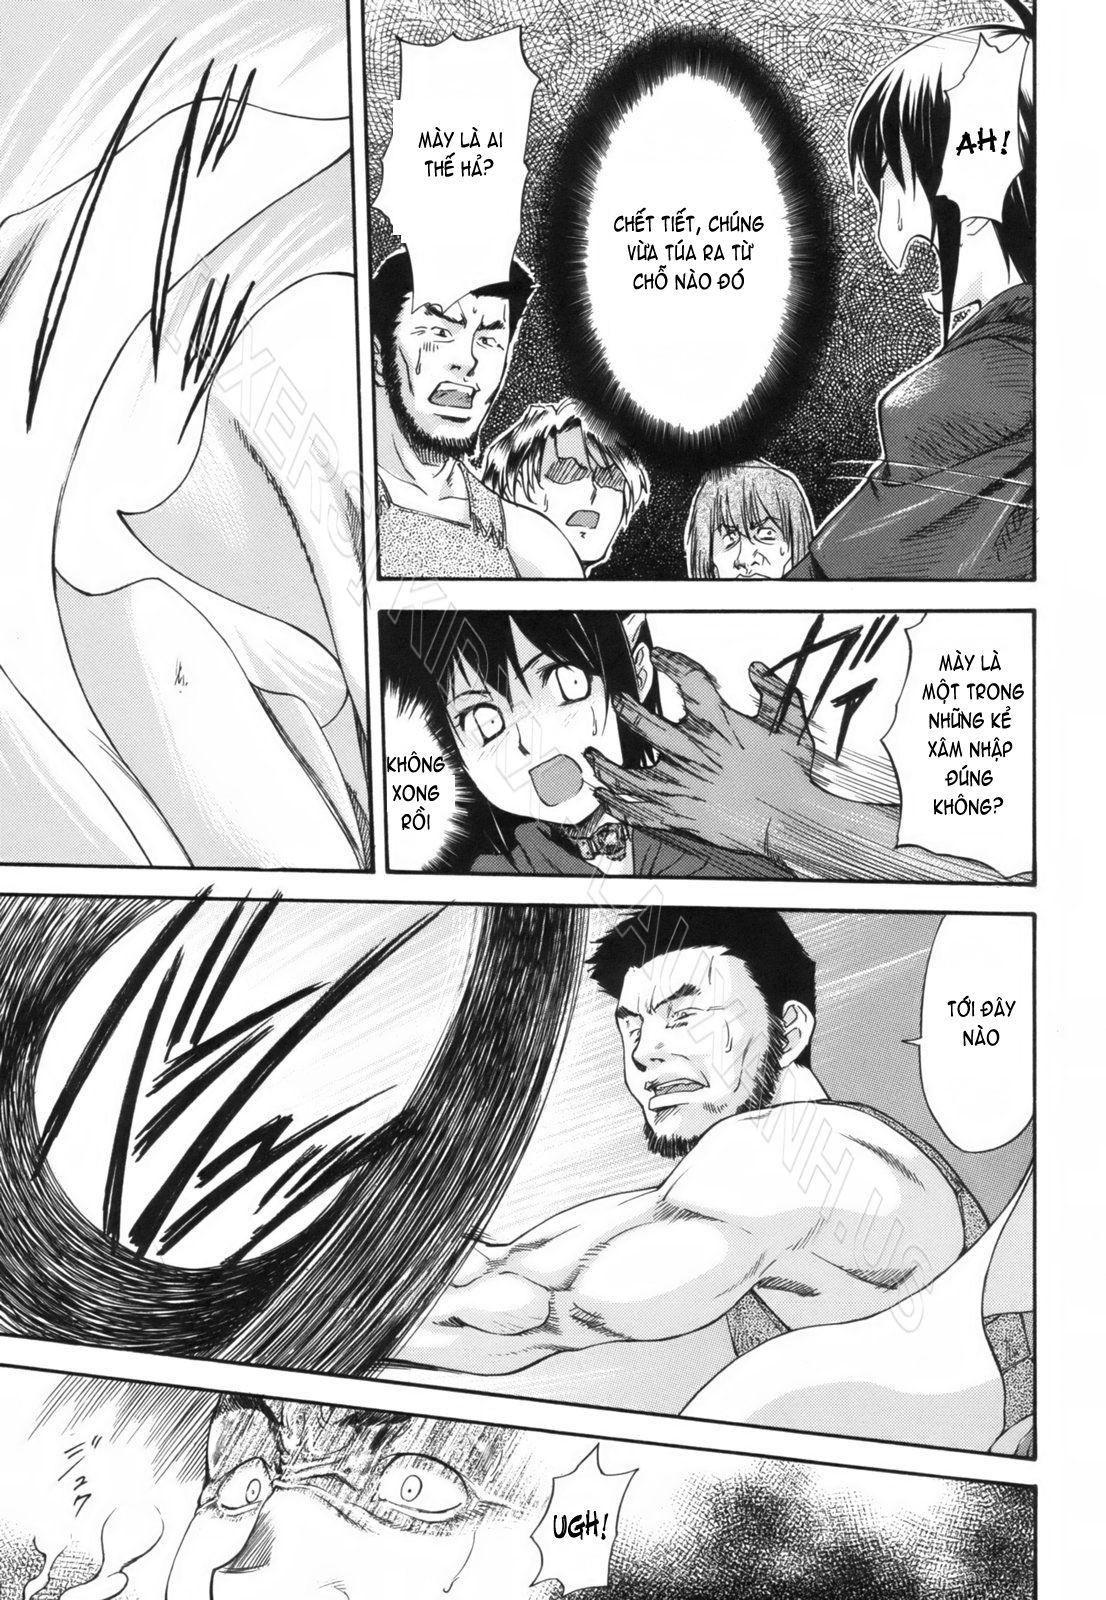 Hình ảnh Hinh_044 in Truyện tranh hentai không che: Parabellum